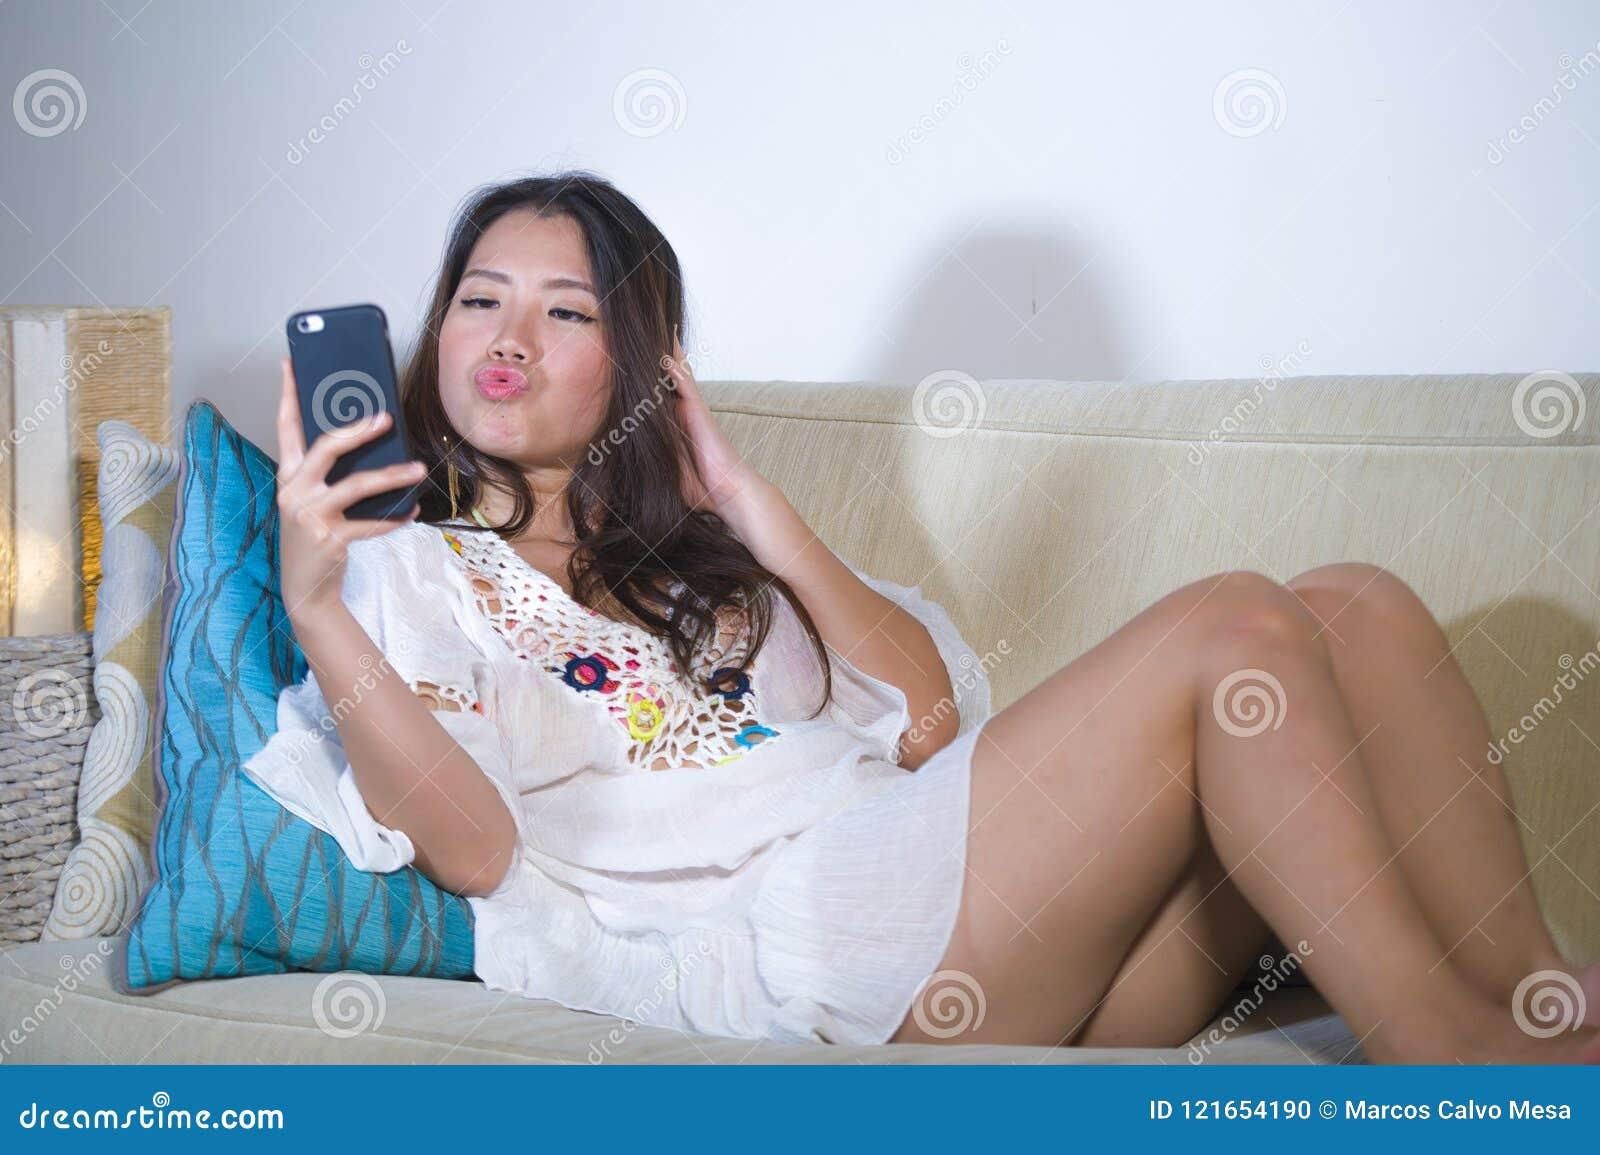 asiatico dating app